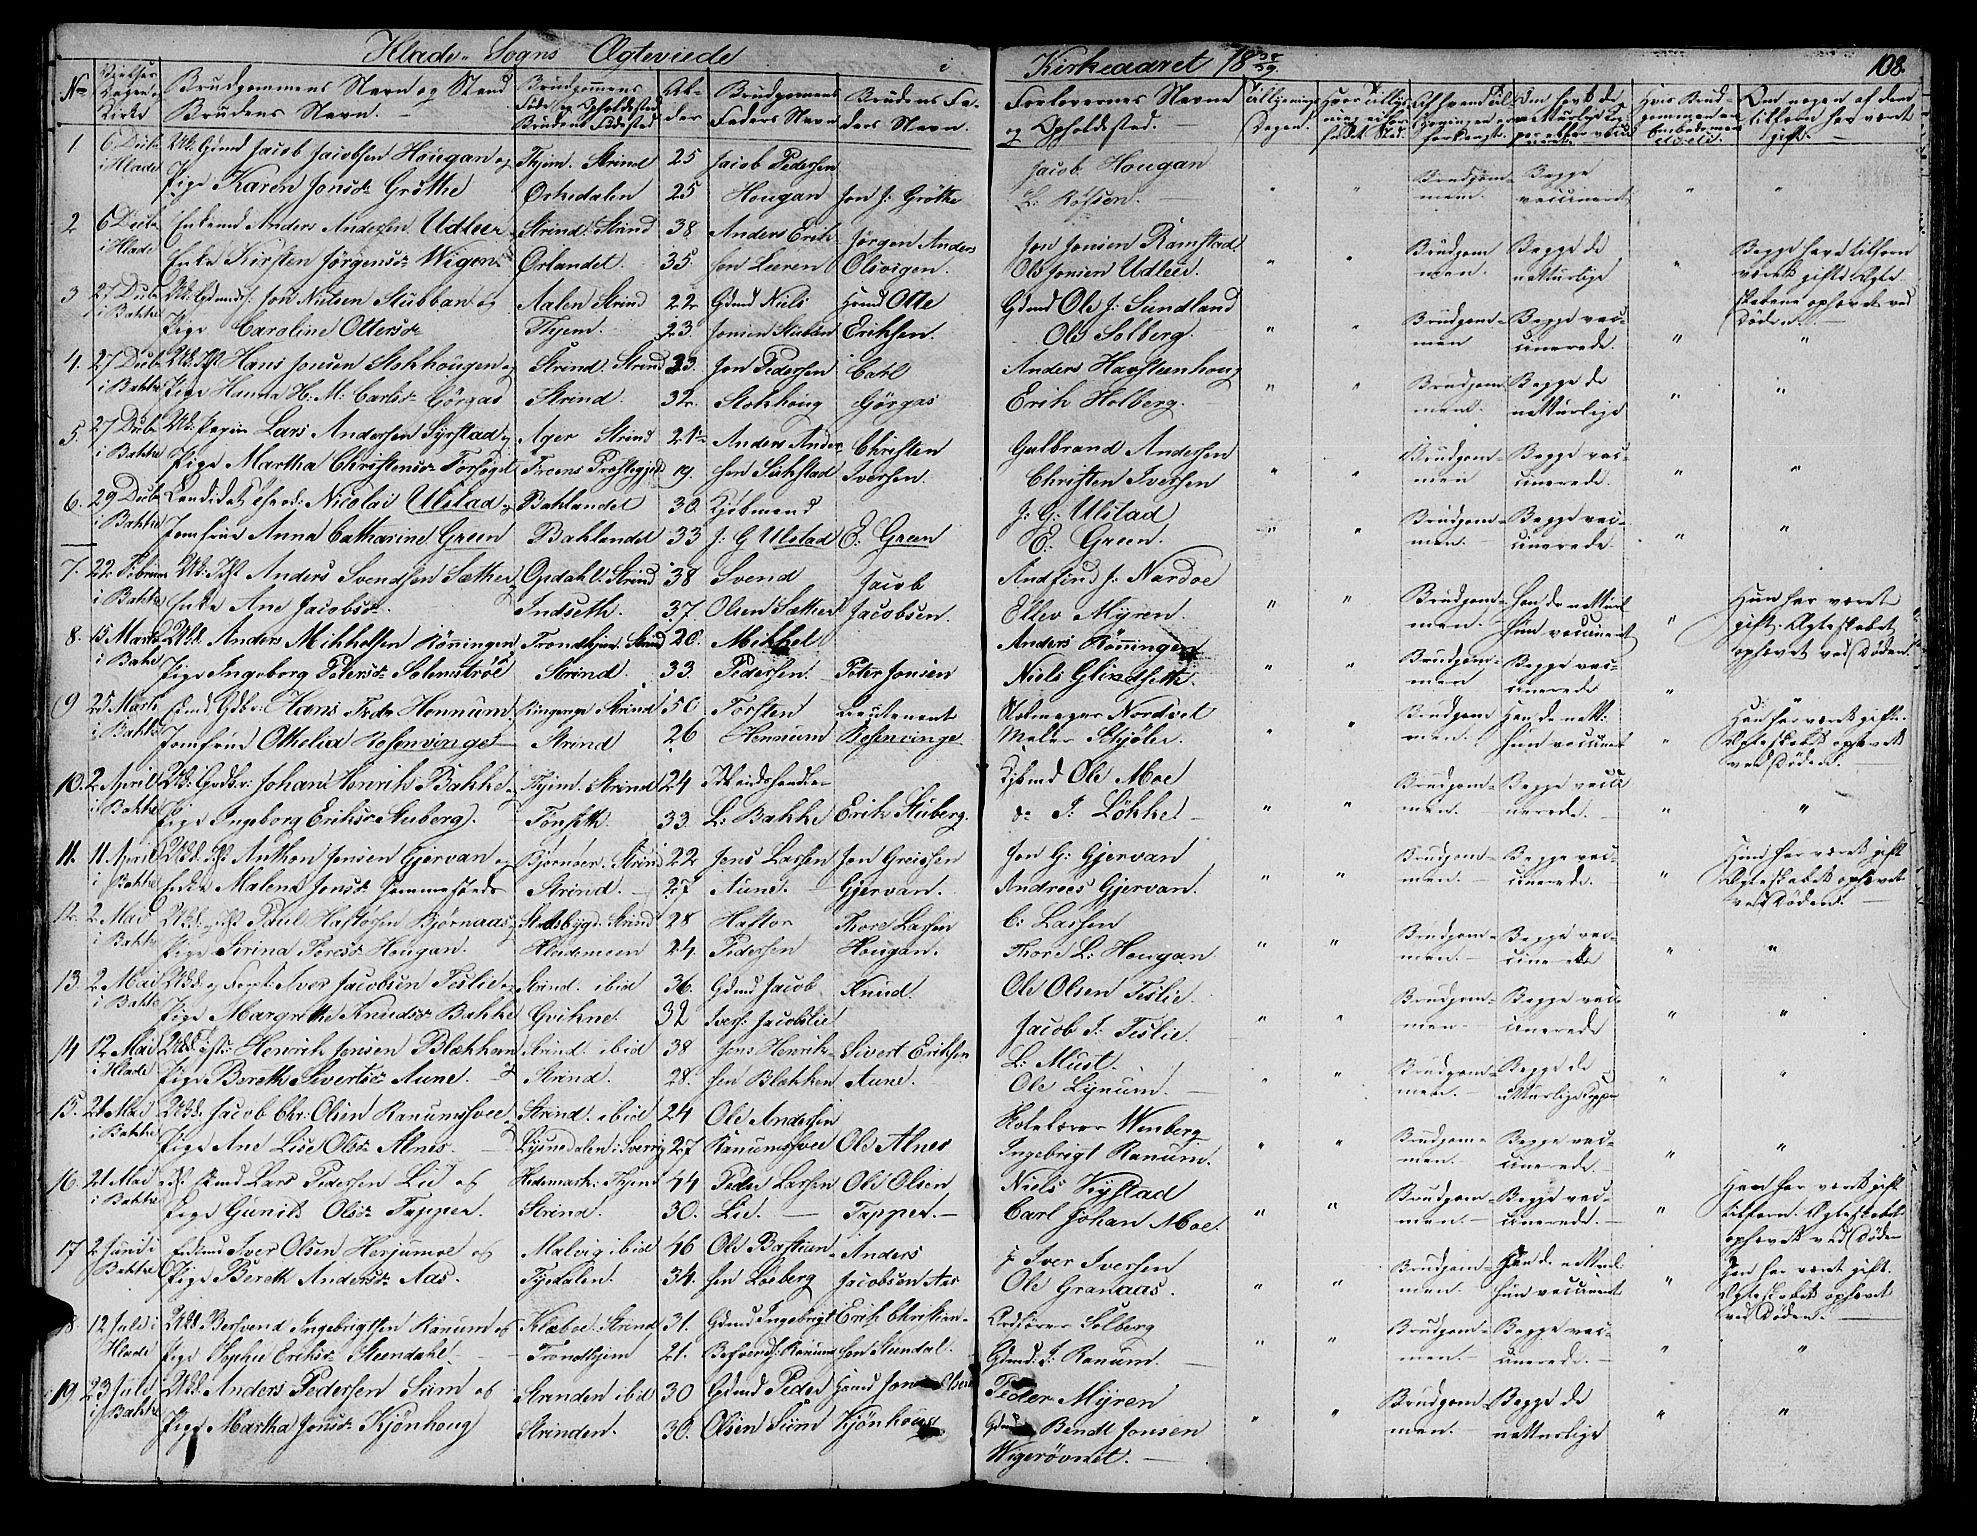 SAT, Ministerialprotokoller, klokkerbøker og fødselsregistre - Sør-Trøndelag, 606/L0308: Klokkerbok nr. 606C04, 1829-1840, s. 108